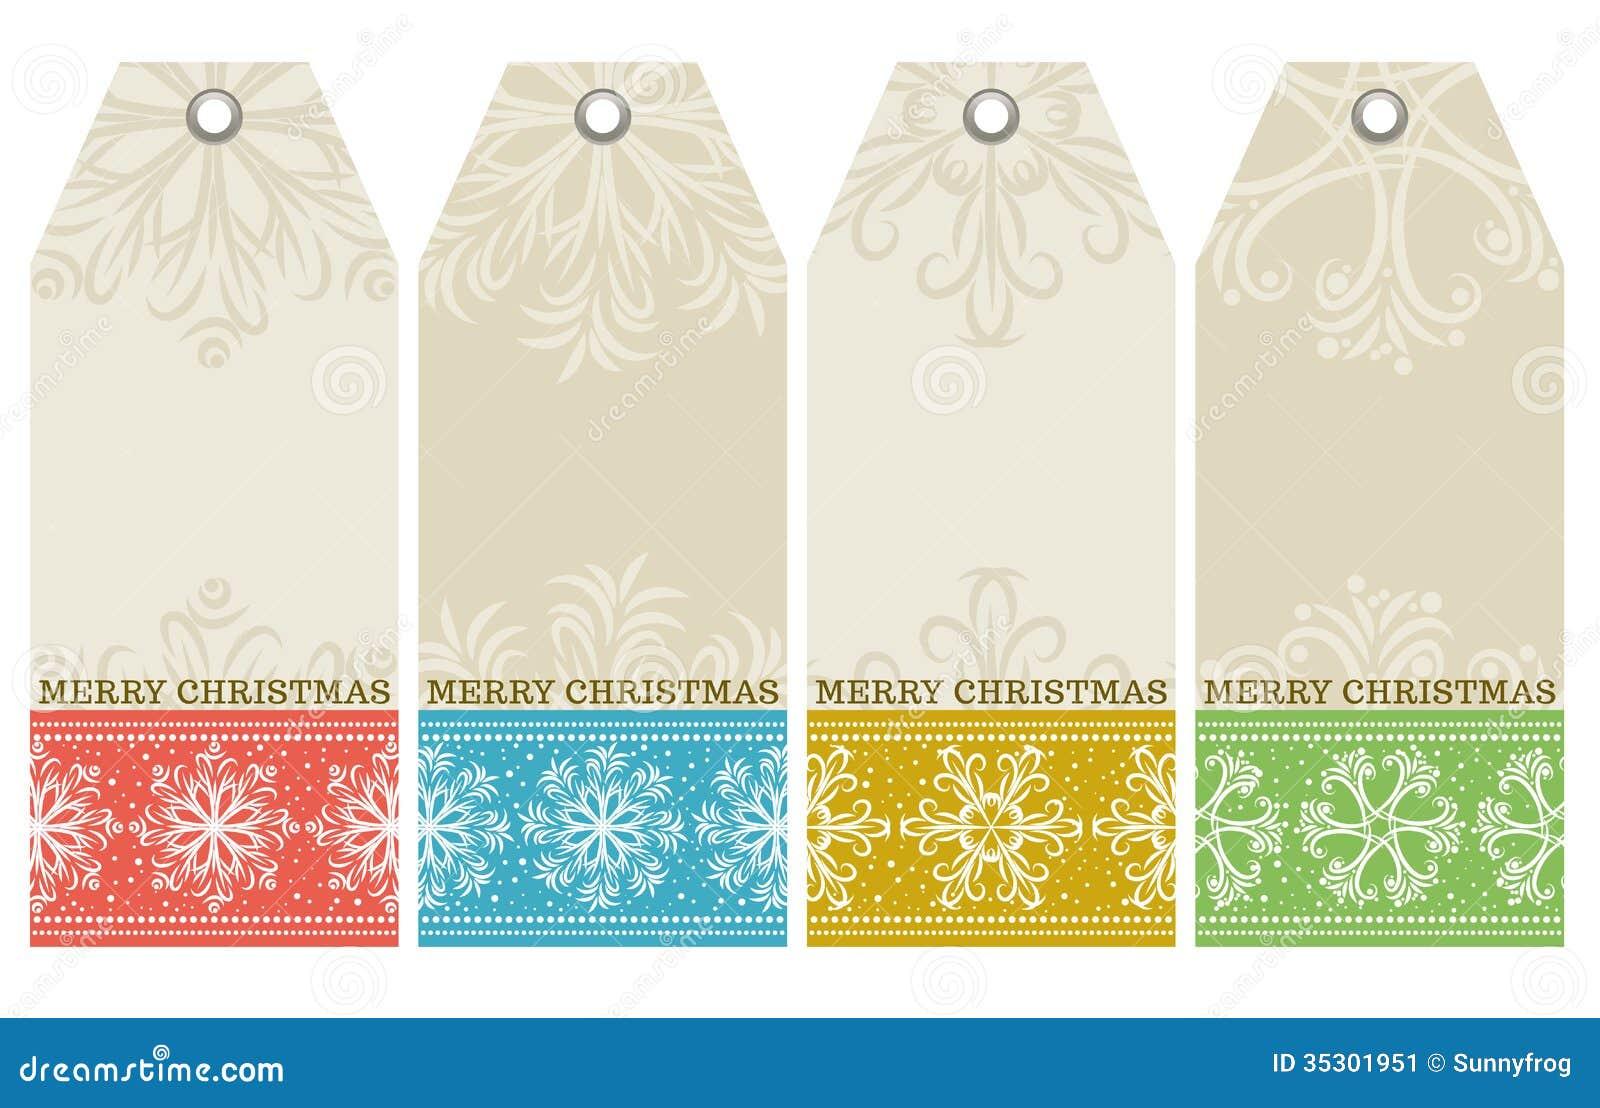 Ярлыки рождества с текстом снежинок и желаний,